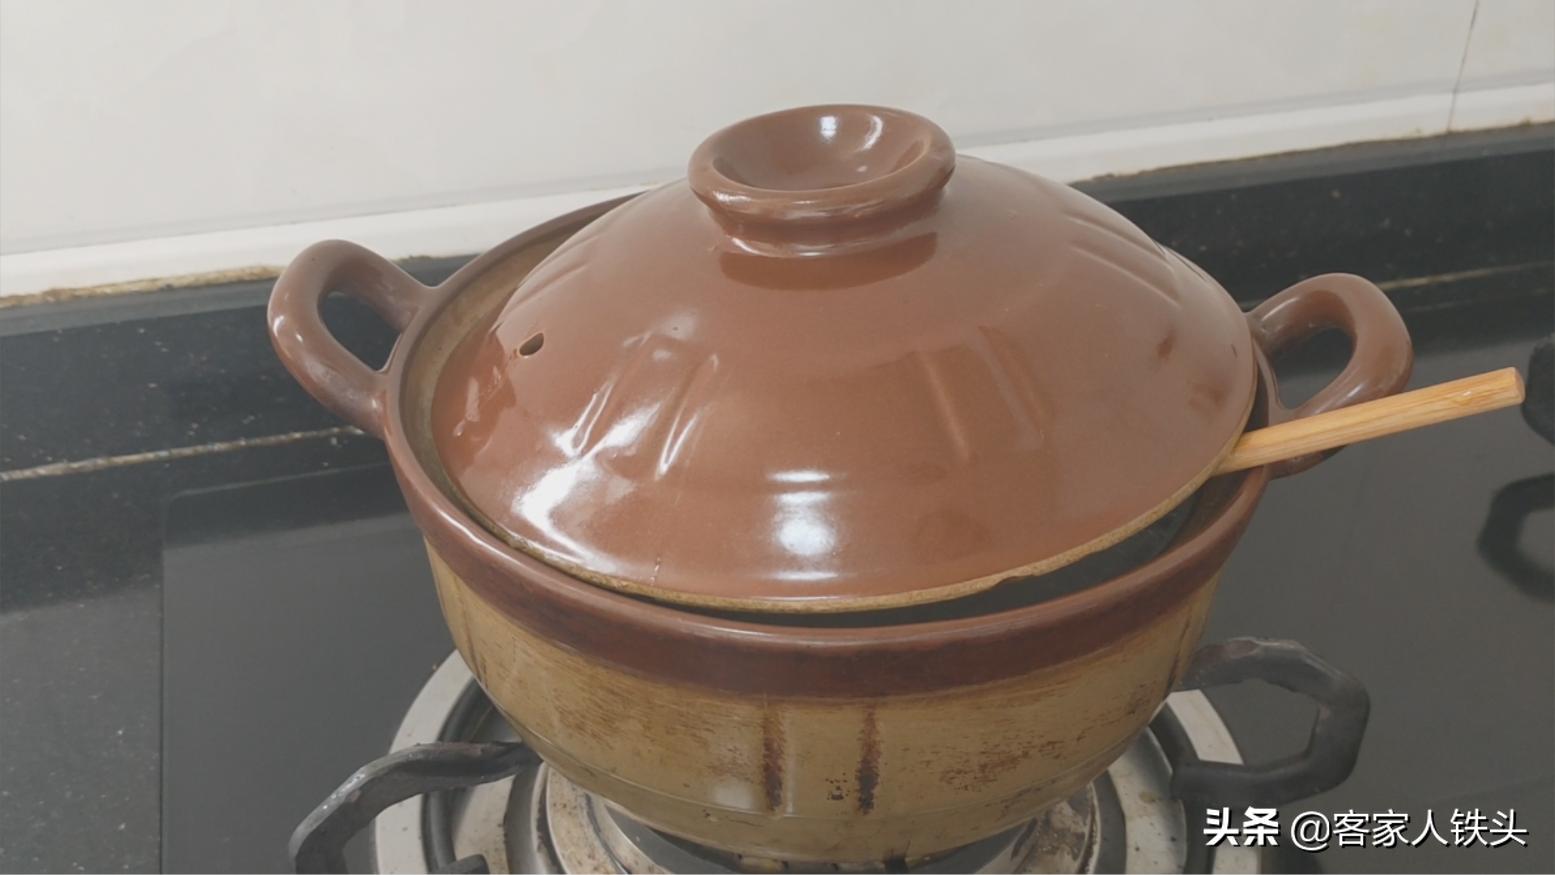 冷天早餐吃什麼? 試試一鍋廣東人一周吃3次的美味,順滑營養好吃